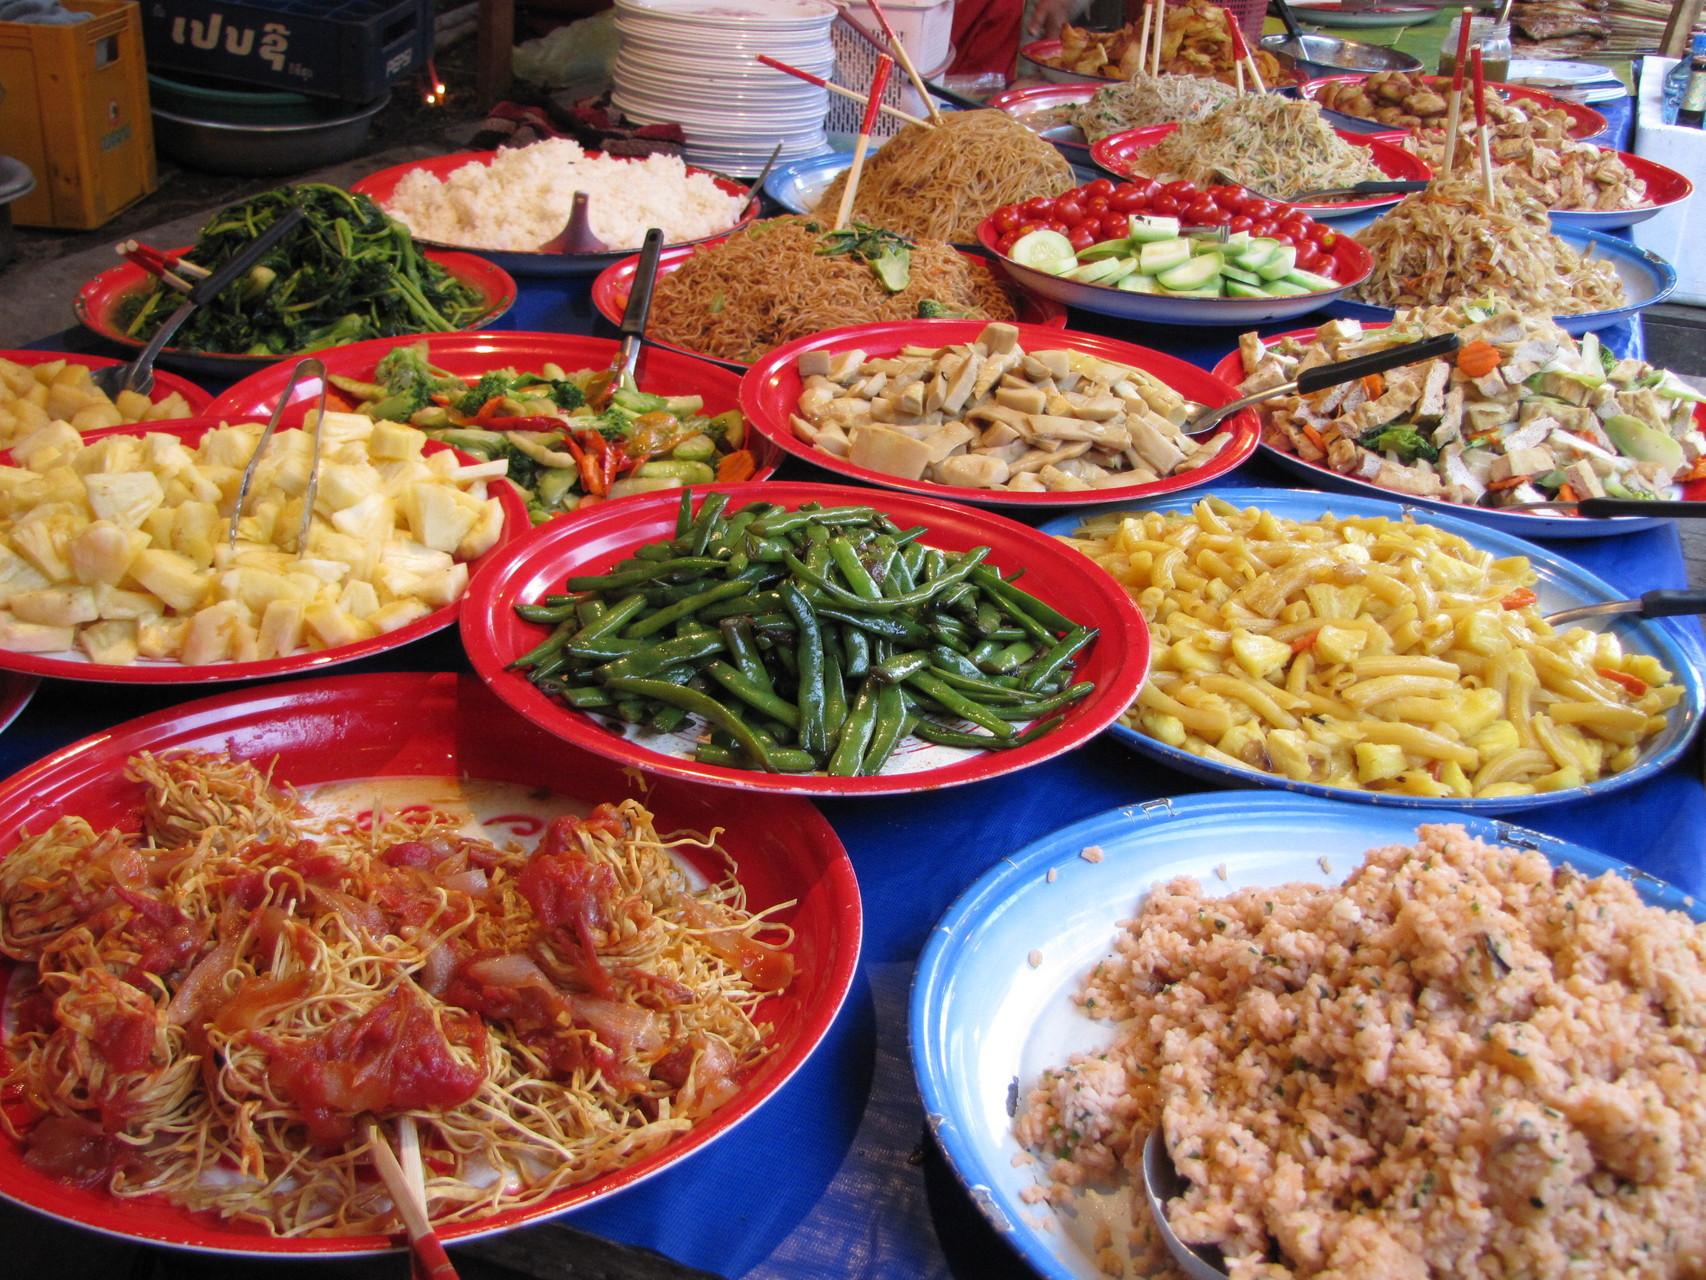 Etenswaren op de lokale markt in Luang Prabang, Laos.